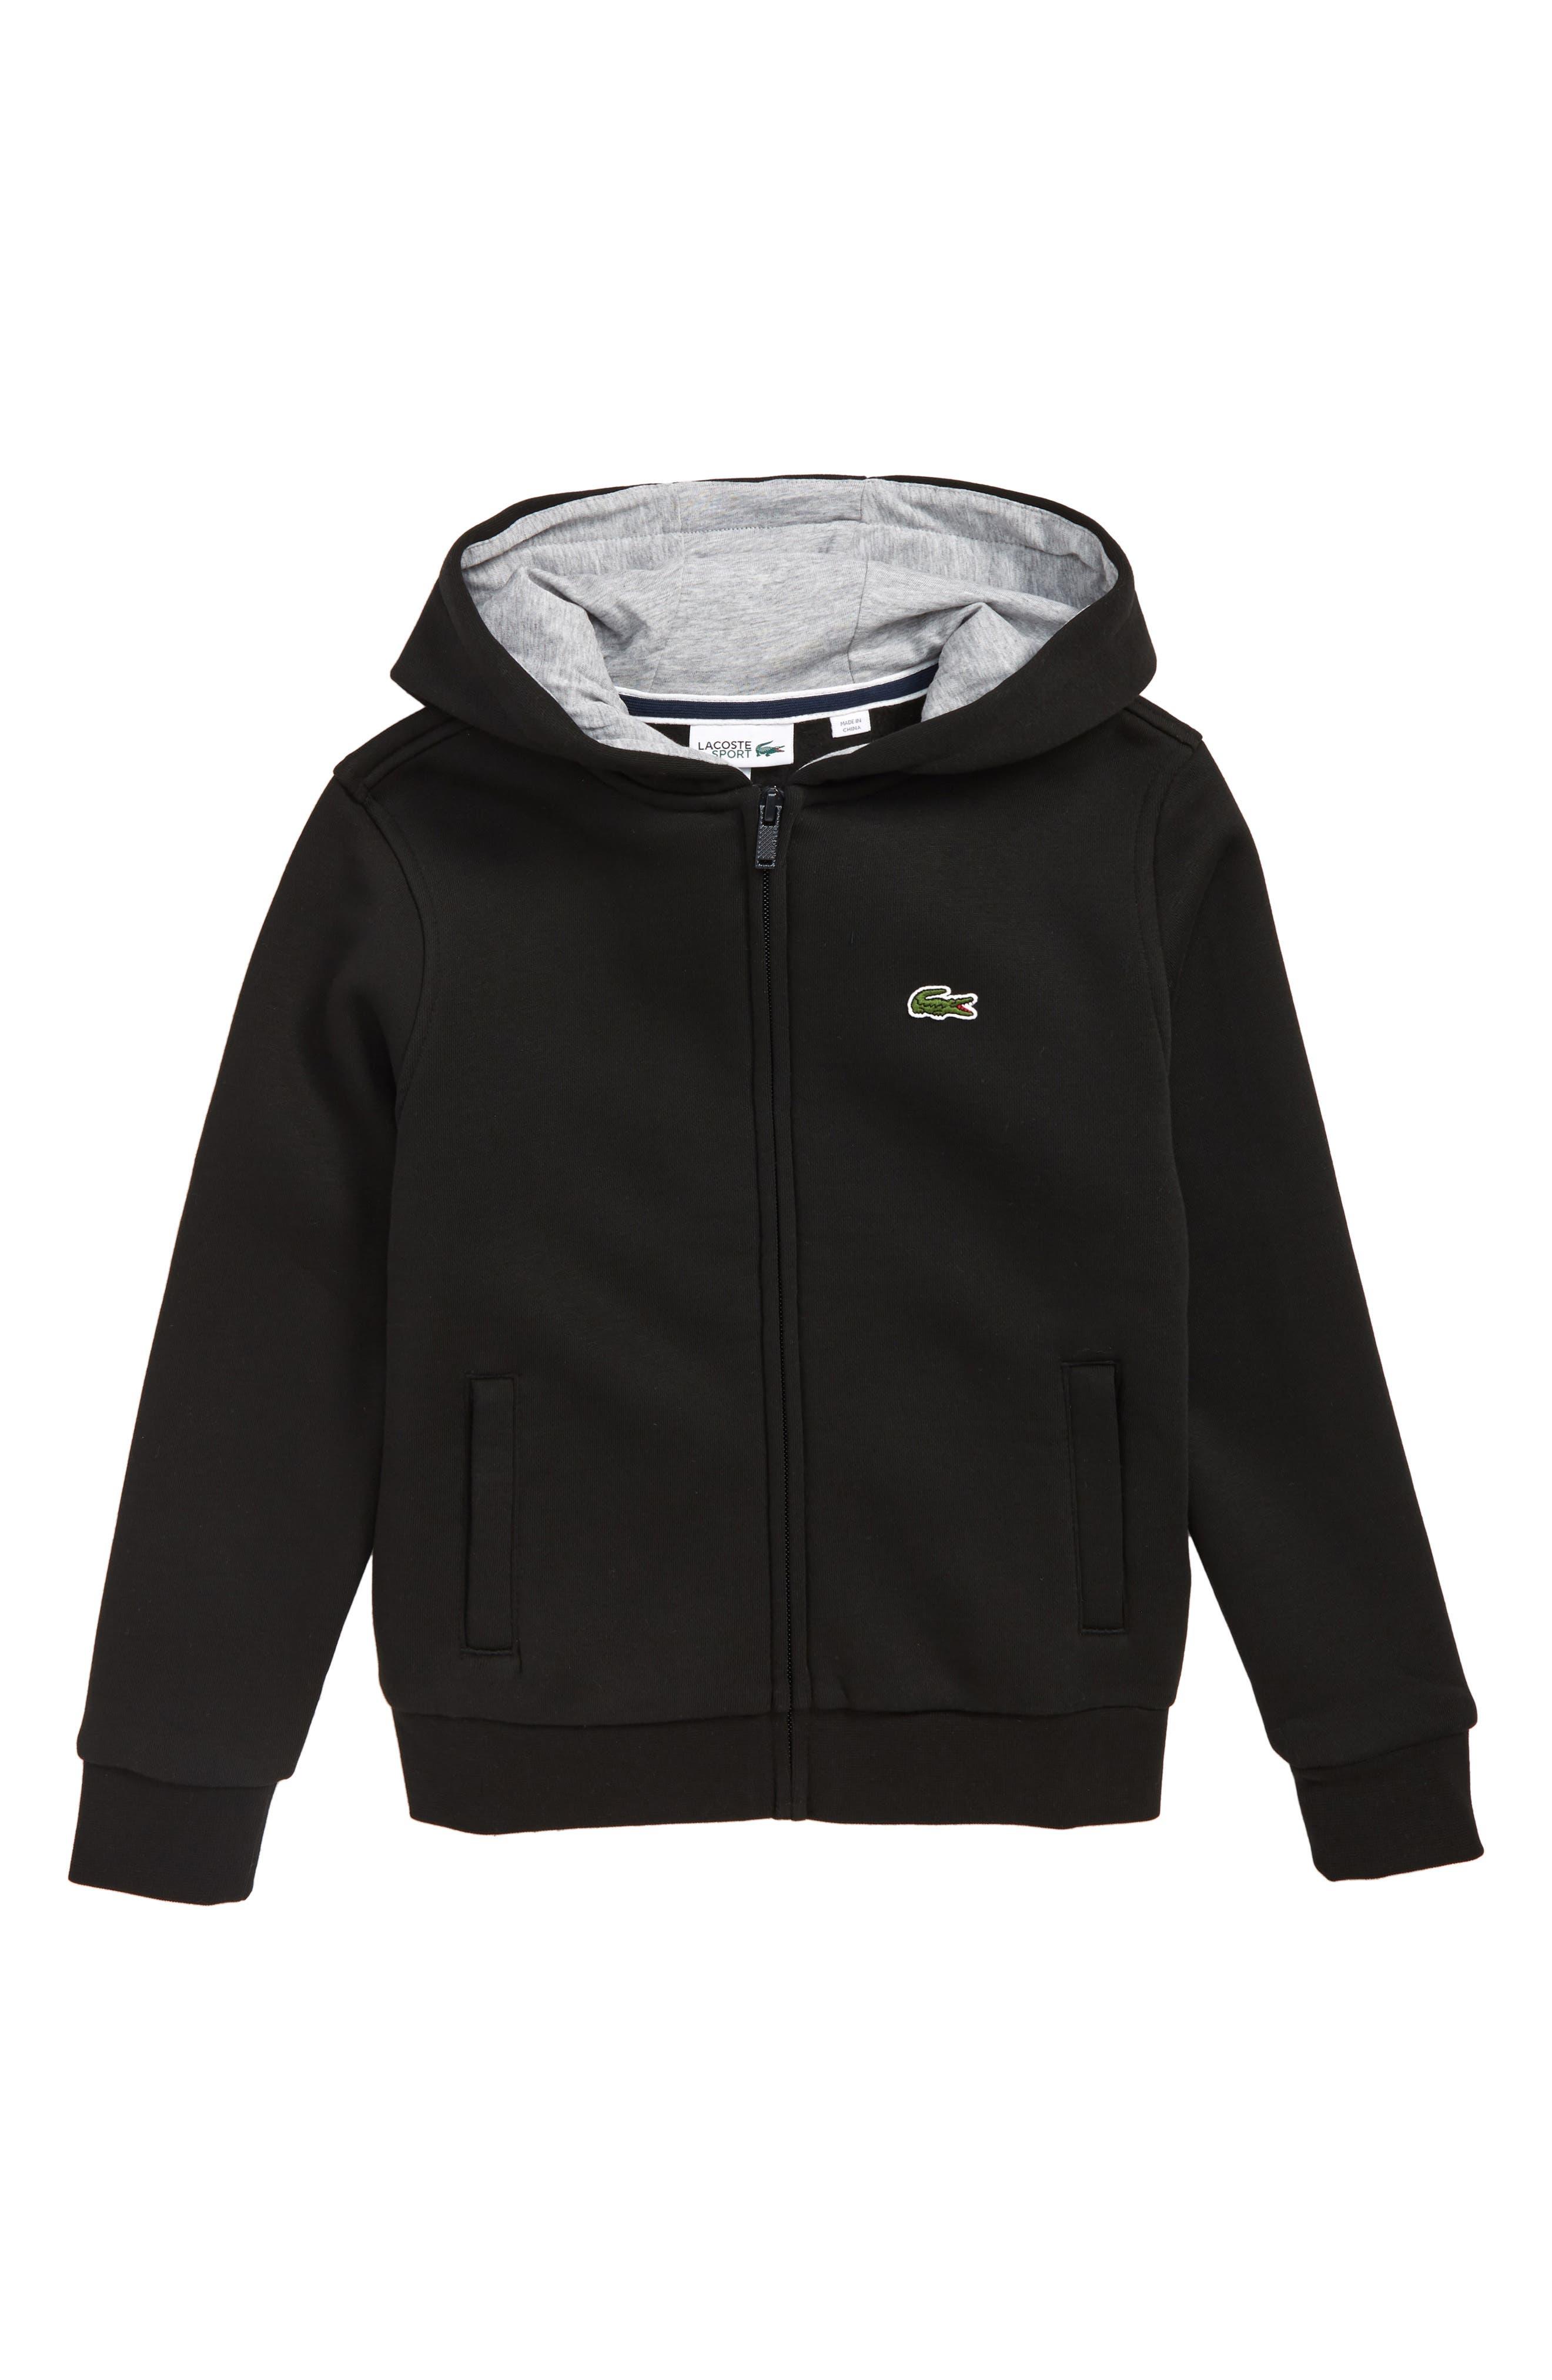 Toddler Boys Lacoste Full Zip Fleece Hoodie Size 2T  Metallic